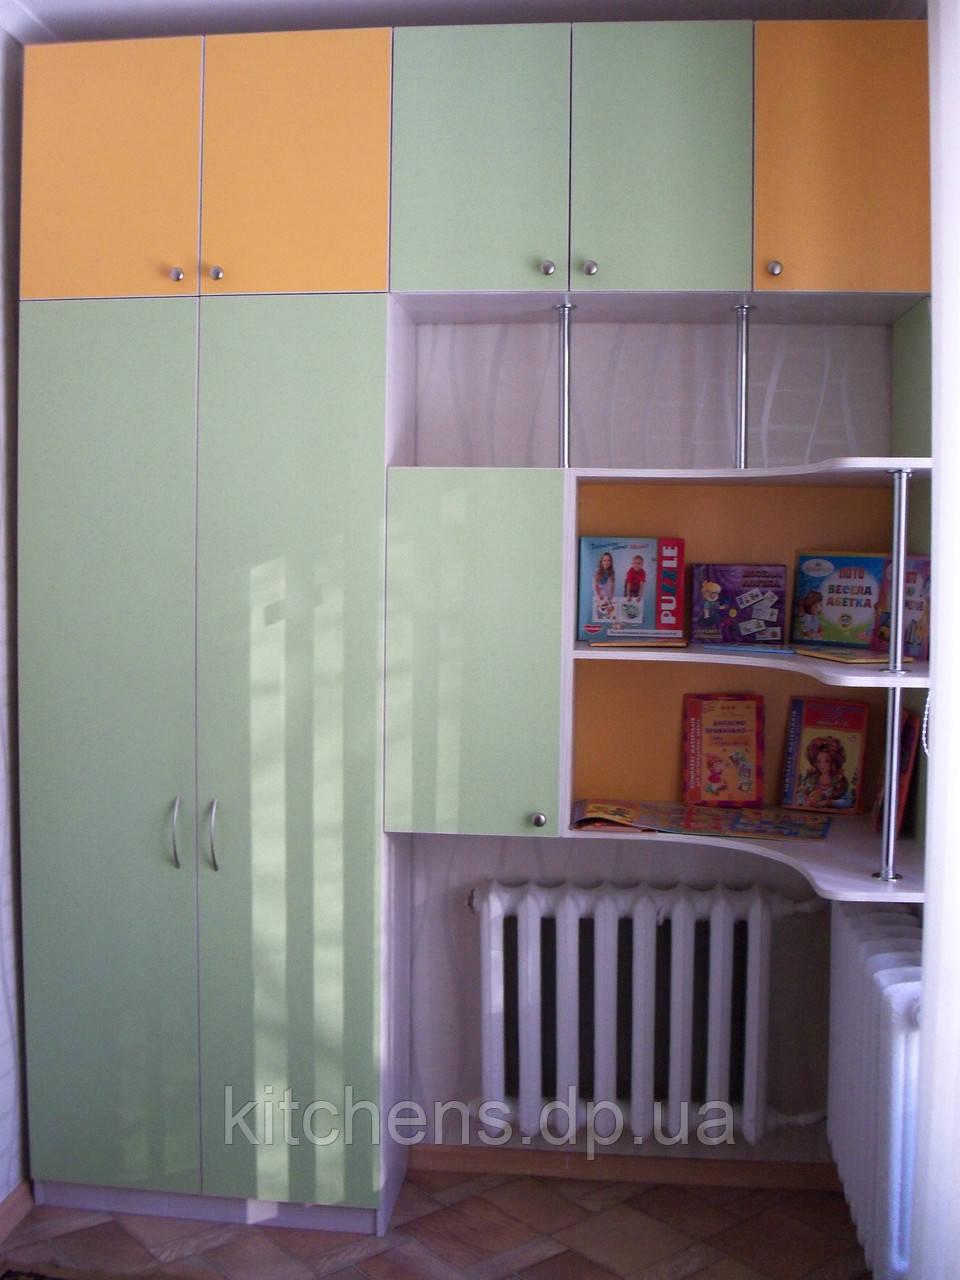 Набор мебели в детский сад, кабинет логопеда: продажа, цена .